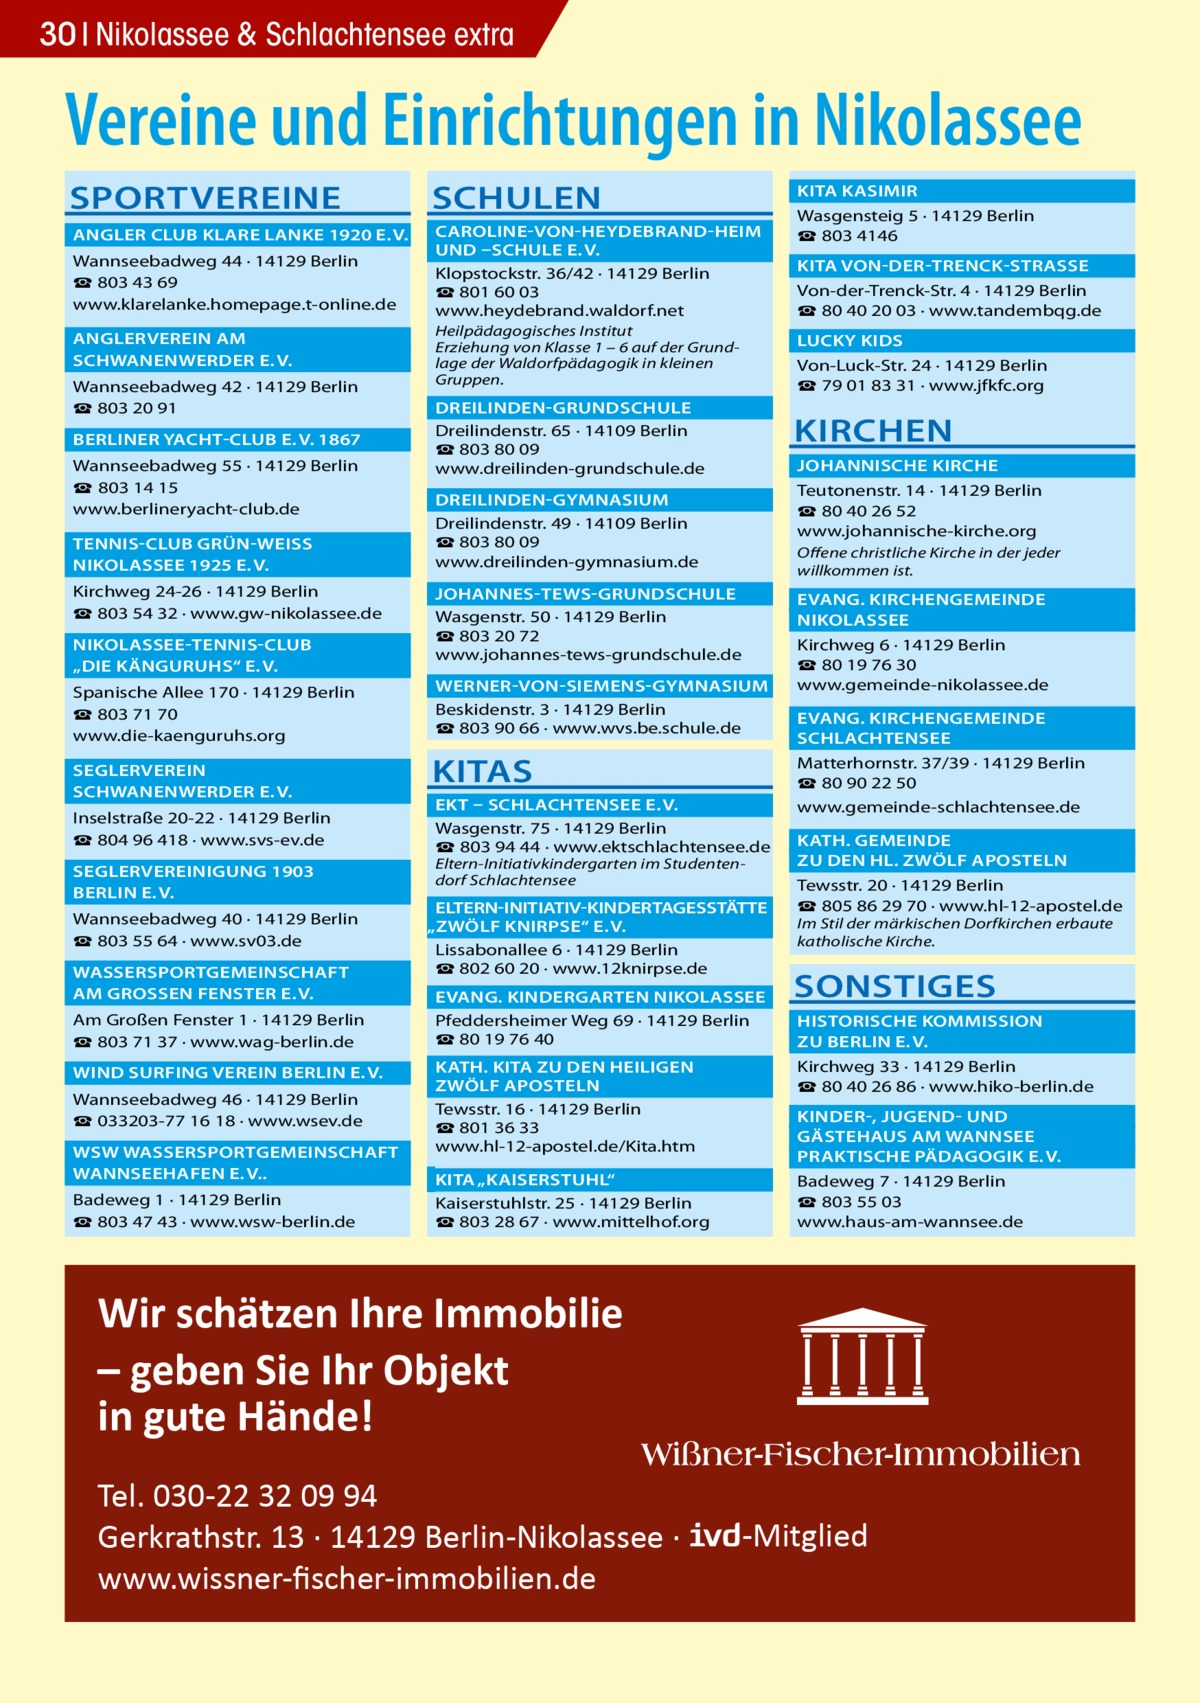 """30 Nikolassee & Schlachtensee extra  Vereine und Einrichtungen in Nikolassee SPORTVEREINE  SCHULEN   KITA KASIMIR�   ANGLER CLUB KLARE LANKE 1920 E.V.�  CAROLINE-VON-HEYDEBRAND-HEIM �  UND –SCHULE E.V. � Wannseebadweg44 · 14129Berlin Klopstockstr.36/42 · 14129Berlin ☎ 803 43 69 ☎801 60 03 www.klarelanke.homepage.t-online.de www.heydebrand.waldorf.net  ANGLERVEREIN AM�  SCHWANENWERDER E.V.� Wannseebadweg42 · 14129Berlin ☎ 803 20 91  BERLINER YACHT-CLUB E.V. 1867� Wannseebadweg55 · 14129Berlin ☎ 803 14 15 www.berlineryacht-club.de  TENNIS-CLUB GRÜN-WEISS �  NIKOLASSEE 1925 E.V.� Kirchweg24-26 · 14129Berlin ☎ 803 54 32 · www.gw-nikolassee.de  NIKOLASSEE-TENNIS-CLUB �  """"DIE KÄNGURUHS"""" E.V.� Spanische Allee 170 · 14129Berlin ☎803 71 70 www.die-kaenguruhs.org SEGLERVEREIN�  SCHWANENWERDER E.V.� Inselstraße20-22 · 14129Berlin ☎804 96 418 · www.svs-ev.de  SEGLERVEREINIGUNG 1903 �  BERLIN E.V.� Wannseebadweg40 · 14129Berlin ☎803 55 64 · www.sv03.de  WASSERSPORTGEMEINSCHAFT �  AM GROSSEN FENSTER E.V.� Am Großen Fenster 1 · 14129Berlin ☎803 71 37 · www.wag-berlin.de  WIND SURFING VEREIN BERLIN E.V.� Wannseebadweg46 · 14129Berlin ☎033203-77 16 18 · www.wsev.de  WSW WASSERSPORTGEMEINSCHAFT �  WANNSEEHAFEN E.V..� Badeweg1 · 14129Berlin ☎803 47 43 · www.wsw-berlin.de  Heilpädagogisches Institut Erziehung von Klasse 1 – 6 auf der Grundlage der Waldorfpädagogik in kleinen Gruppen.  Wasgensteig5 · 14129Berlin ☎803 4146  KITA VON-DER-TRENCK-STRASSE � Von-der-Trenck-Str.4 · 14129Berlin ☎80 40 20 03 · www.tandembqg.de  LUCKY KIDS� Von-Luck-Str.24 · 14129Berlin ☎79 01 83 31 · www.jfkfc.org  DREILINDEN-GRUNDSCHULE� Dreilindenstr.65 · 14109Berlin ☎803 80 09 www.dreilinden-grundschule.de  KIRCHEN  JOHANNISCHE KIRCHE � Teutonenstr.14 · 14129Berlin ☎ 80 40 26 52 www.johannische-kirche.org  DREILINDEN-GYMNASIUM� Dreilindenstr.49 · 14109Berlin ☎803 80 09 www.dreilinden-gymnasium.de  Offene christliche Kirche in der jeder willkommen ist.   JOHANNES-TEWS-GRUNDSCHULE � Wasgenstr.50 · 14129Berlin ☎"""